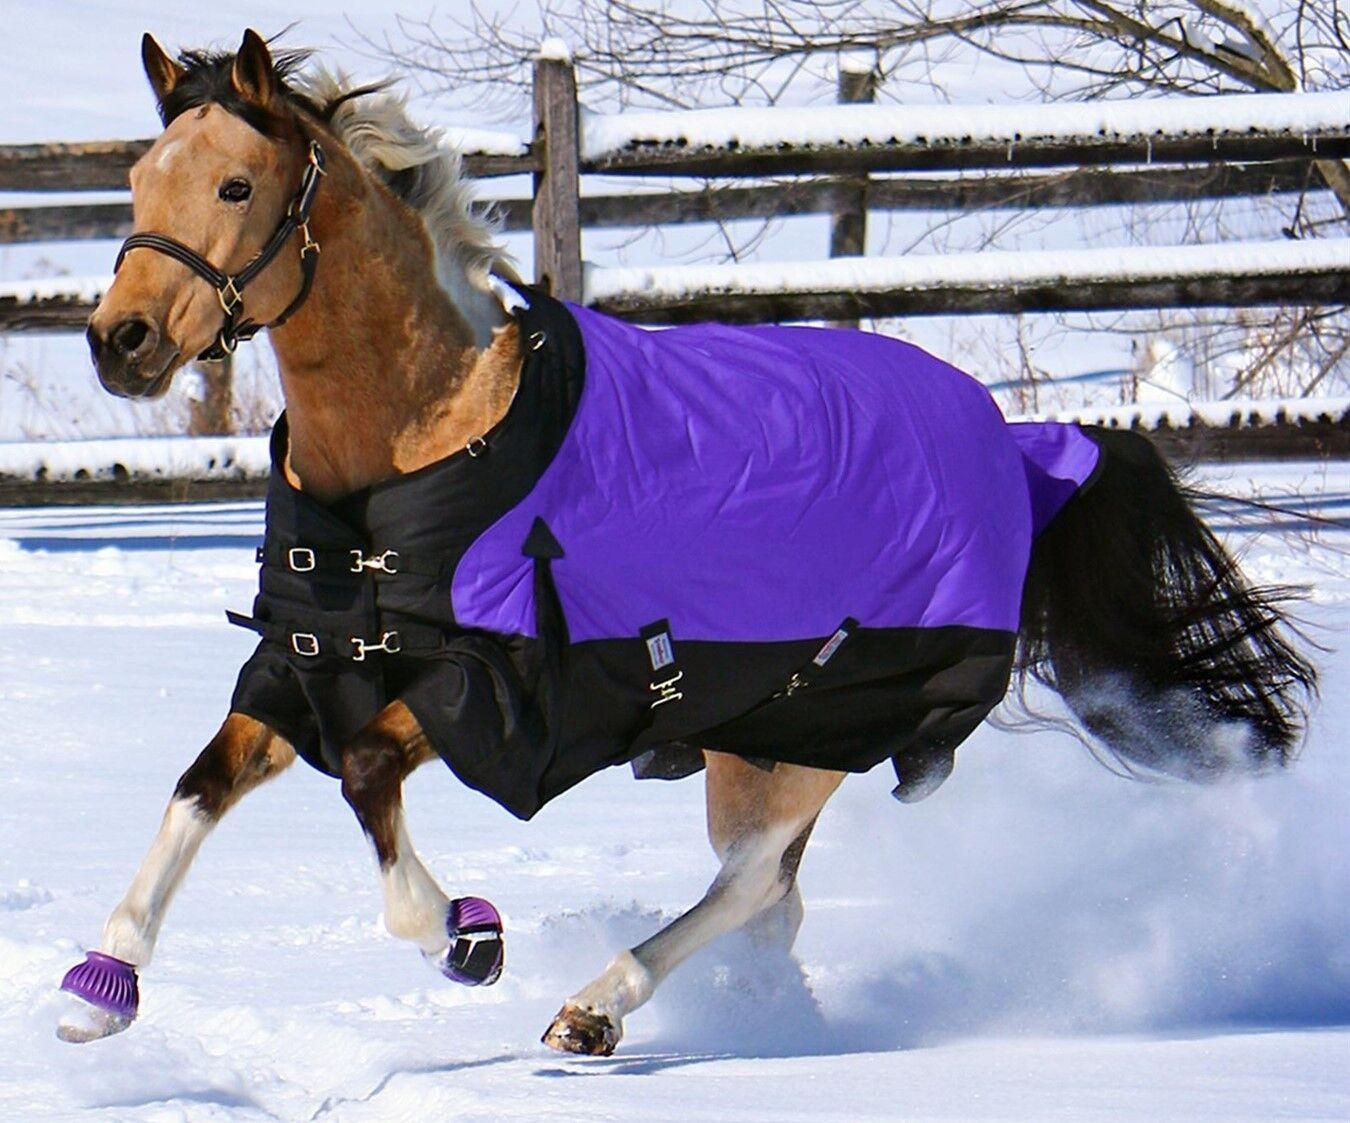 Manta de Invierno de una aguja-Púrpura - 1200D - 380 gramos-Tormenta Escudo Collar de contorno